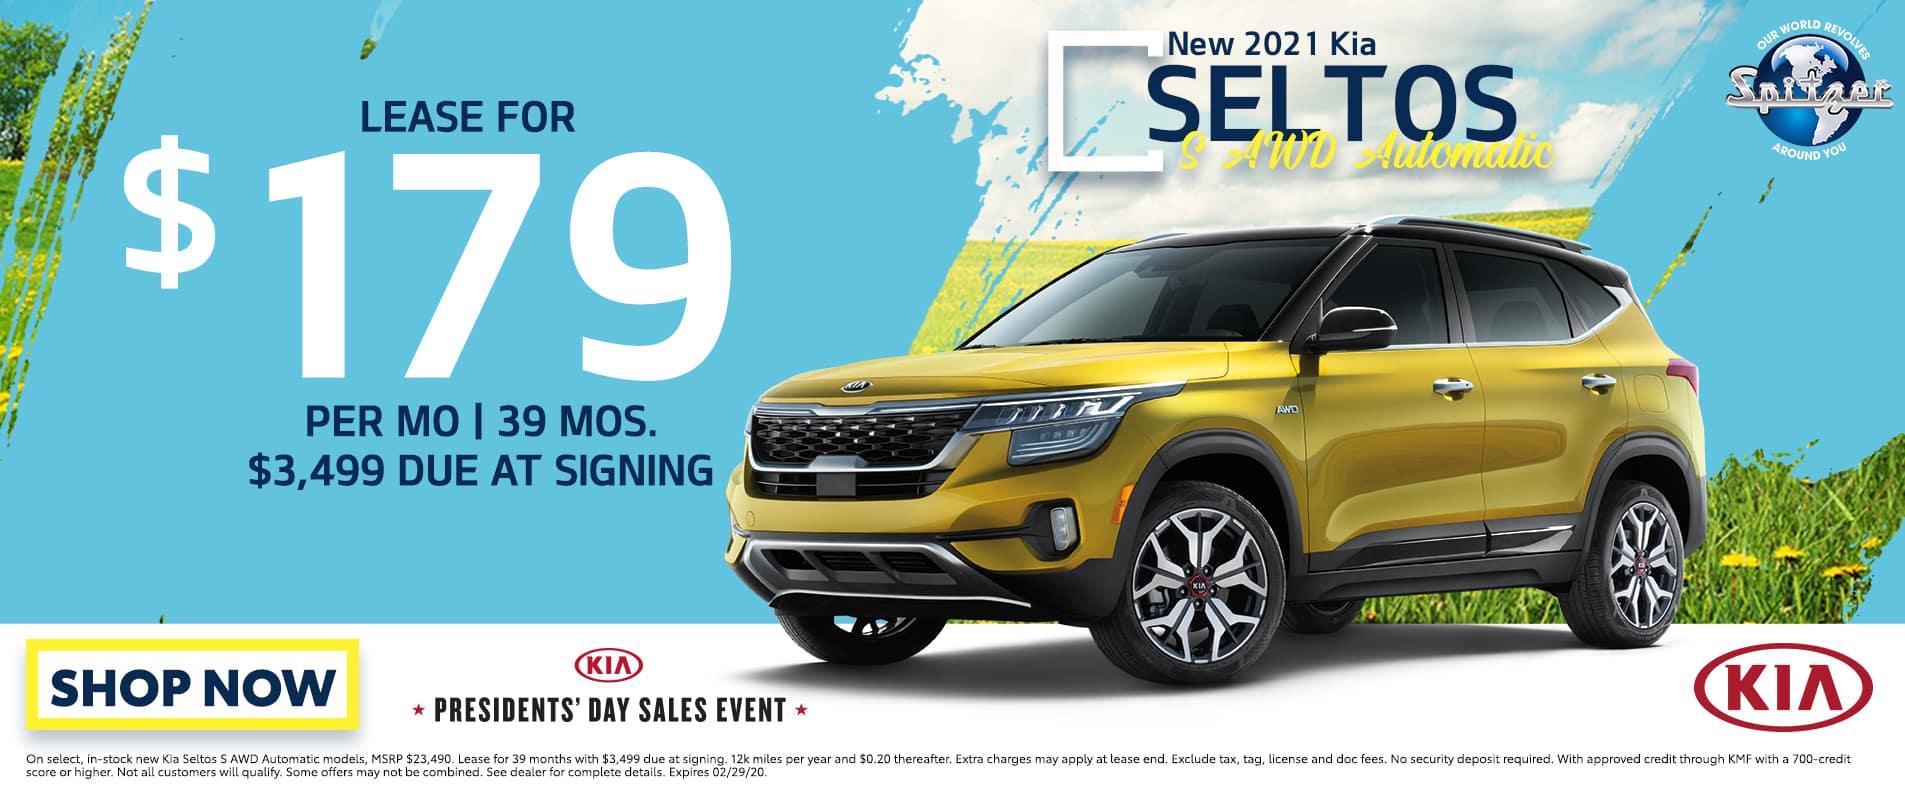 Seltos | lease for $179 per mo